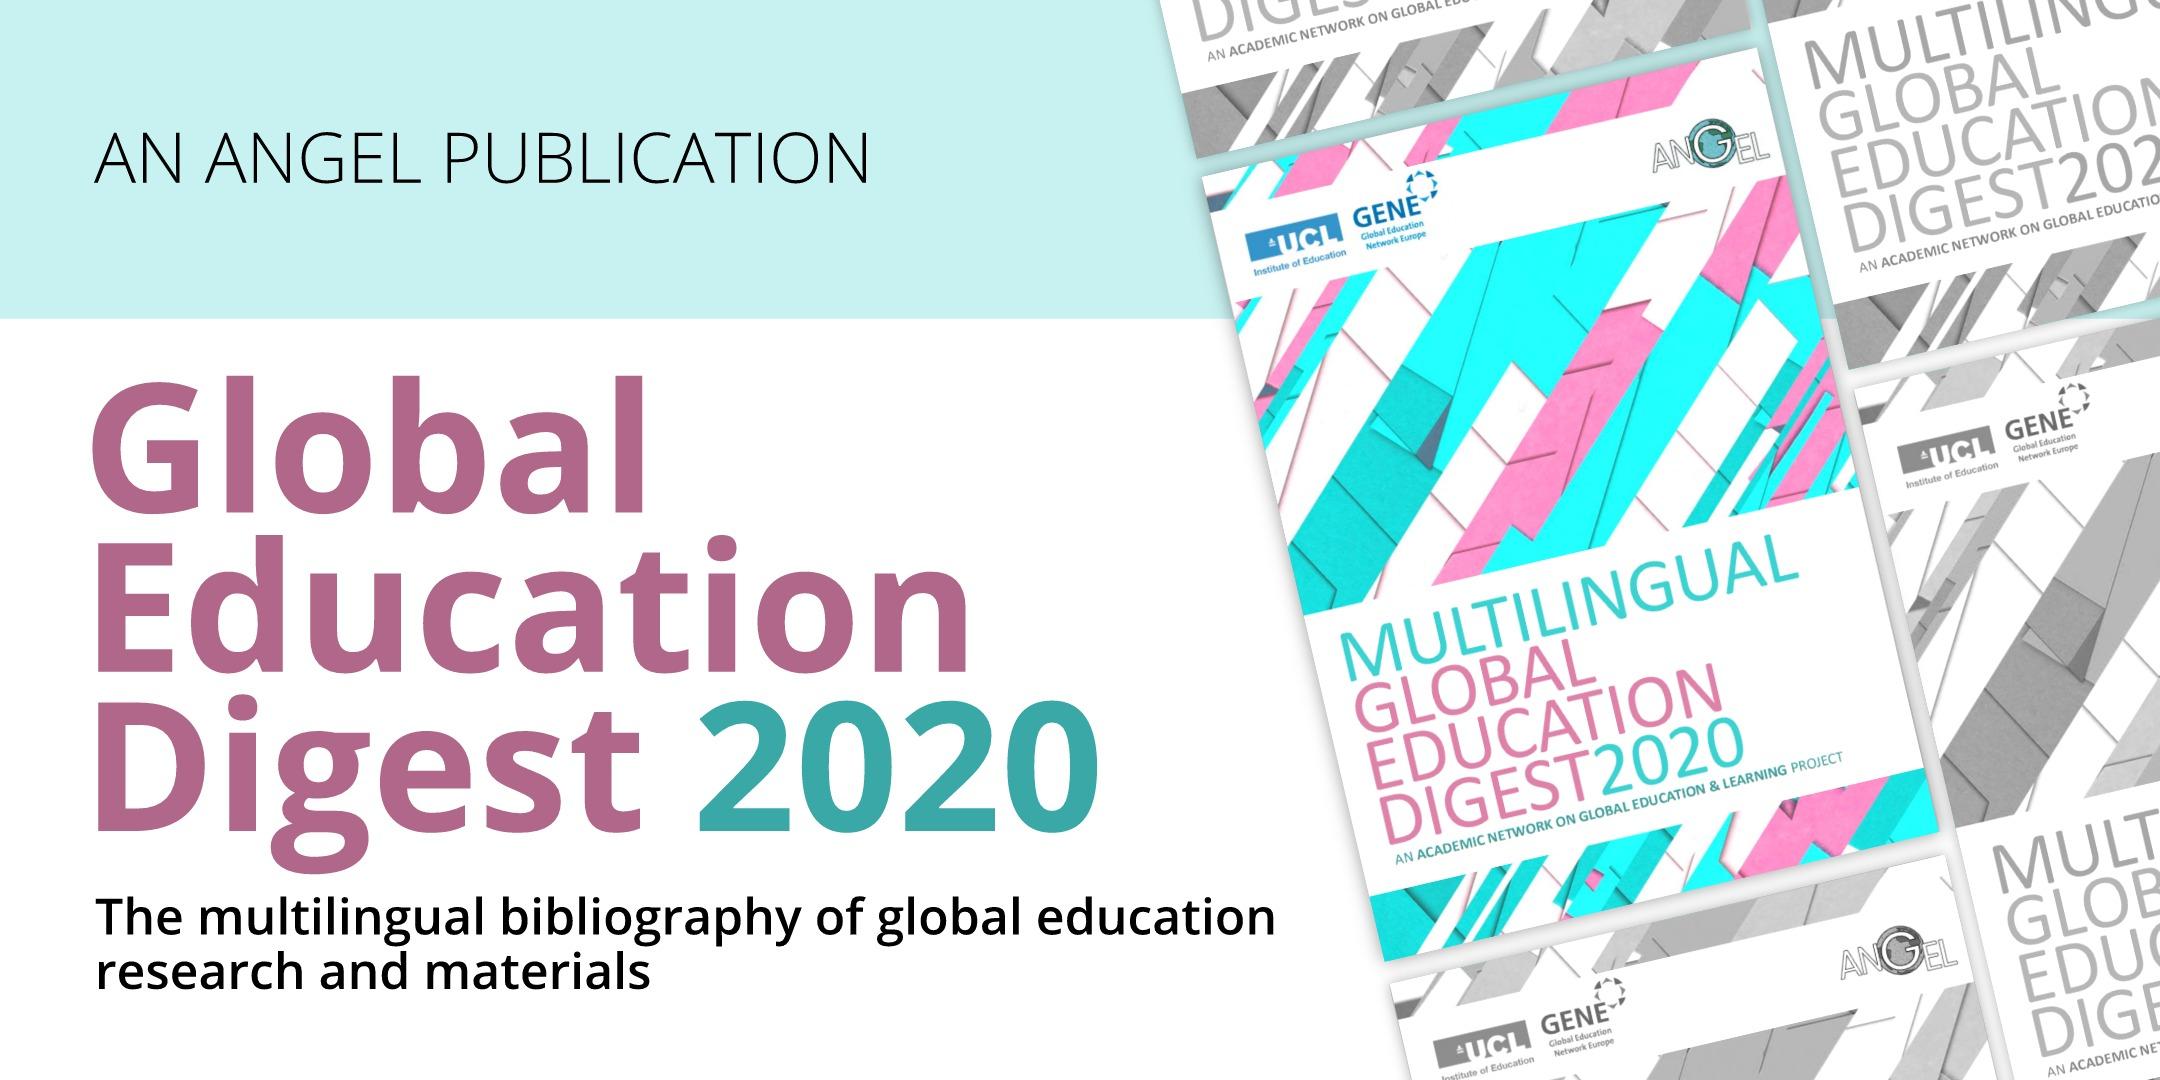 Digest 2020 graphic